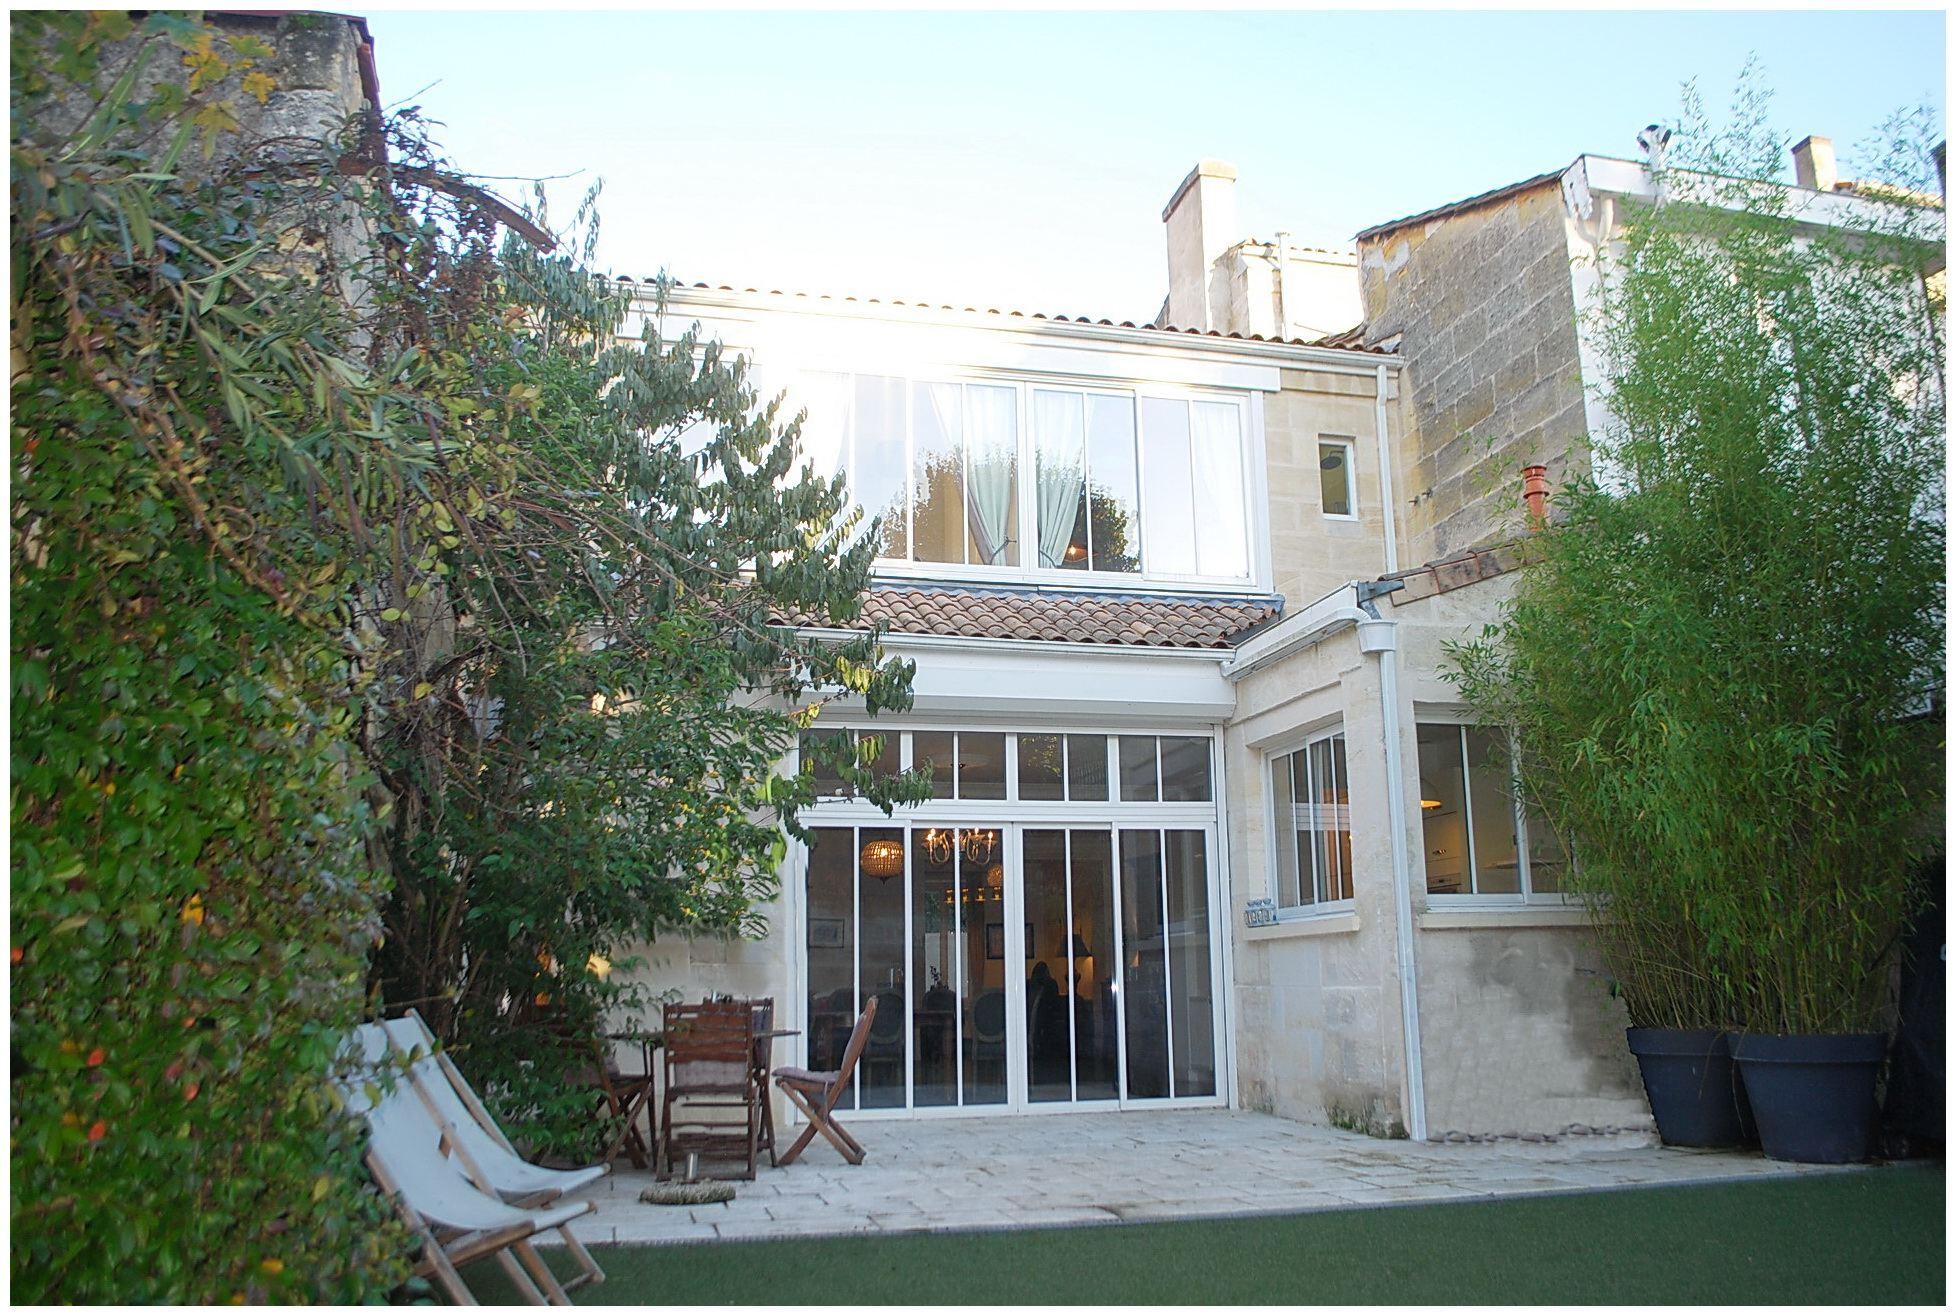 一戸建て のために 売買 アット BORDEAUX LABOTTIERE LOVELY STONE TOWNHOUSE Bordeaux, アキテーヌ, 33000 フランス